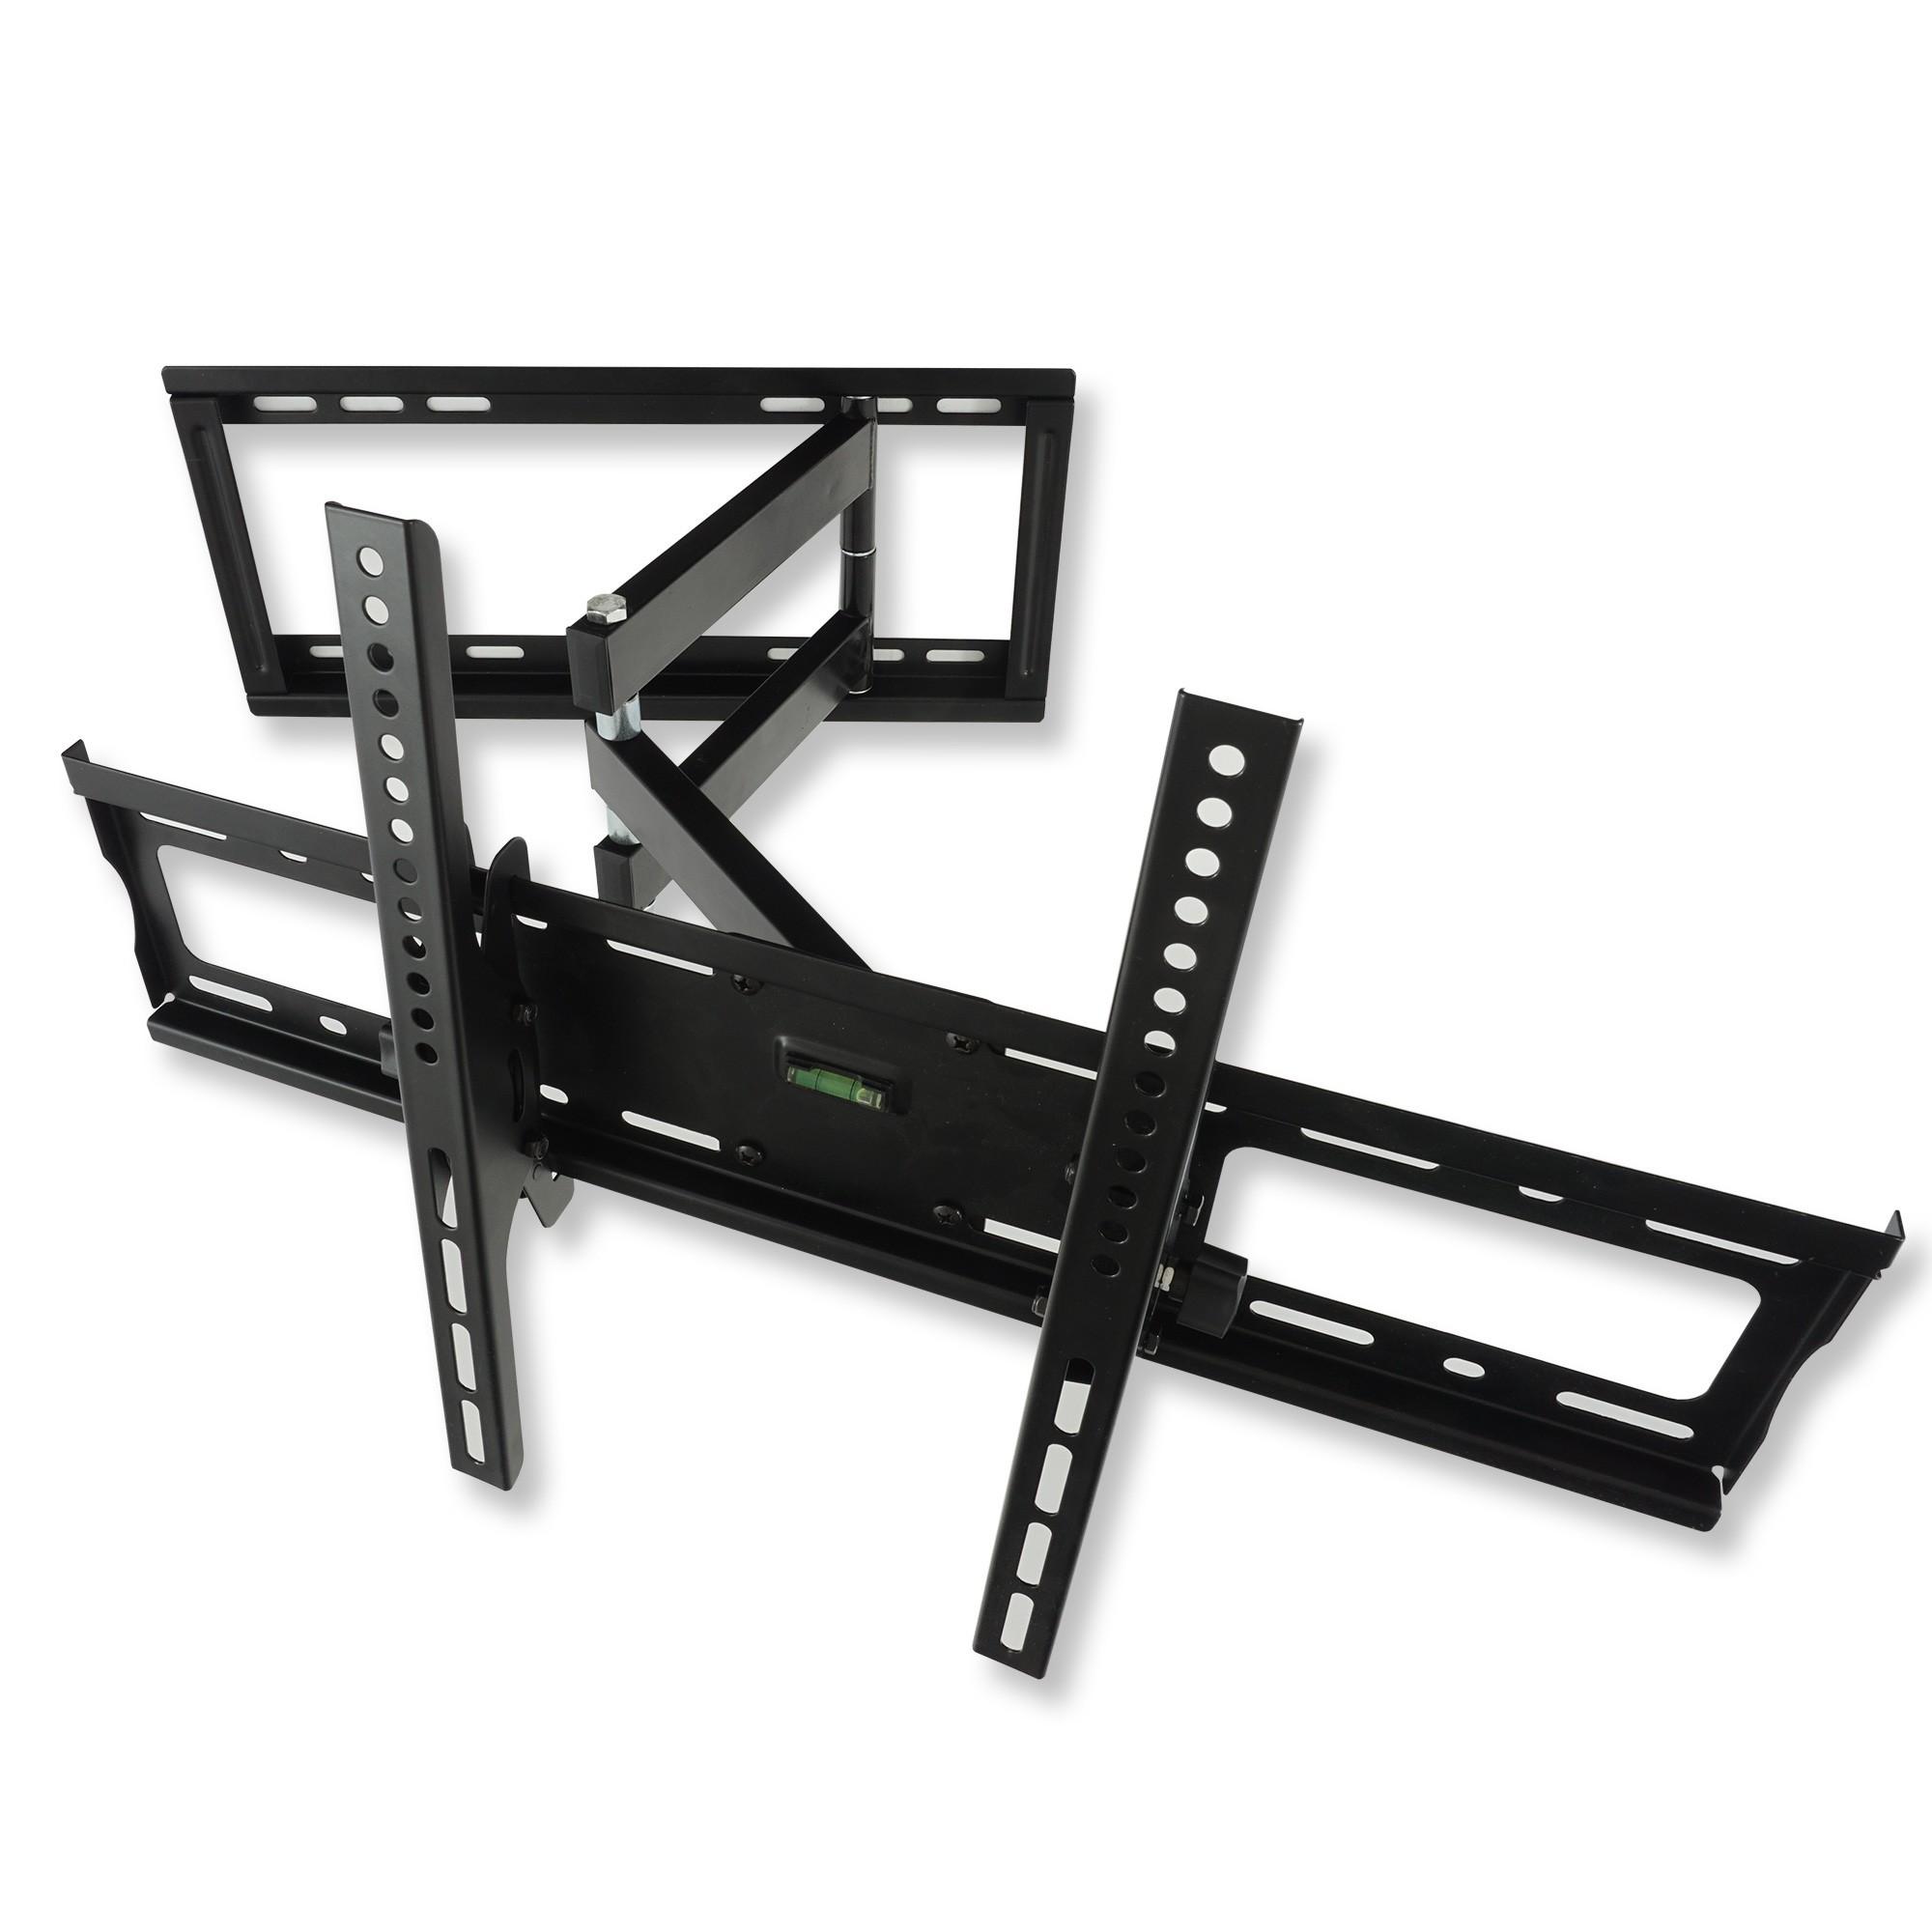 32 55 zoll tv wandhalterung halterung befestigung lcd led tft plasma fernseher ebay. Black Bedroom Furniture Sets. Home Design Ideas